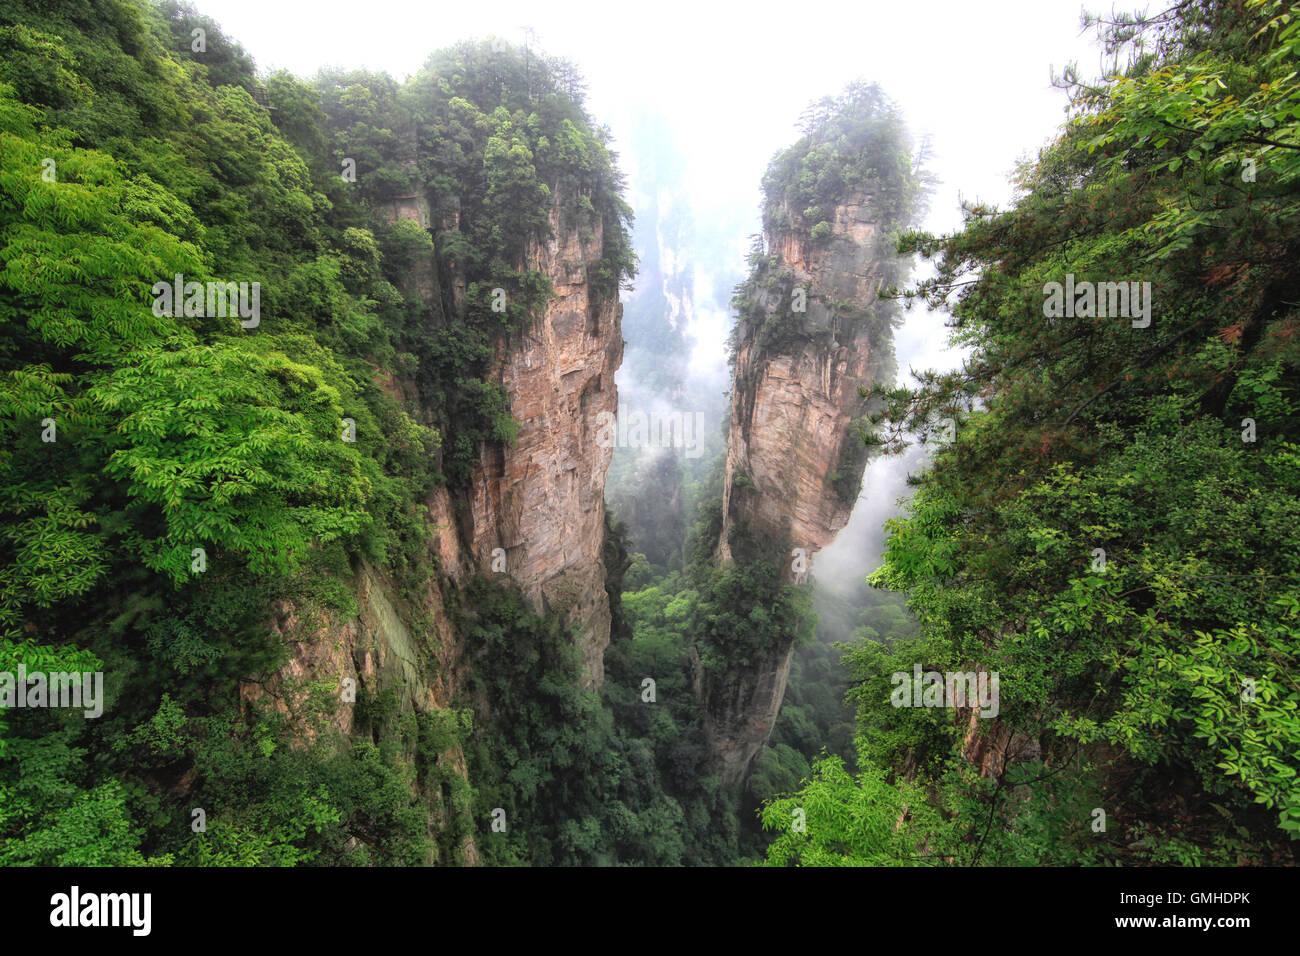 Panoramic view of Zhangjiajie National Park - Stock Image